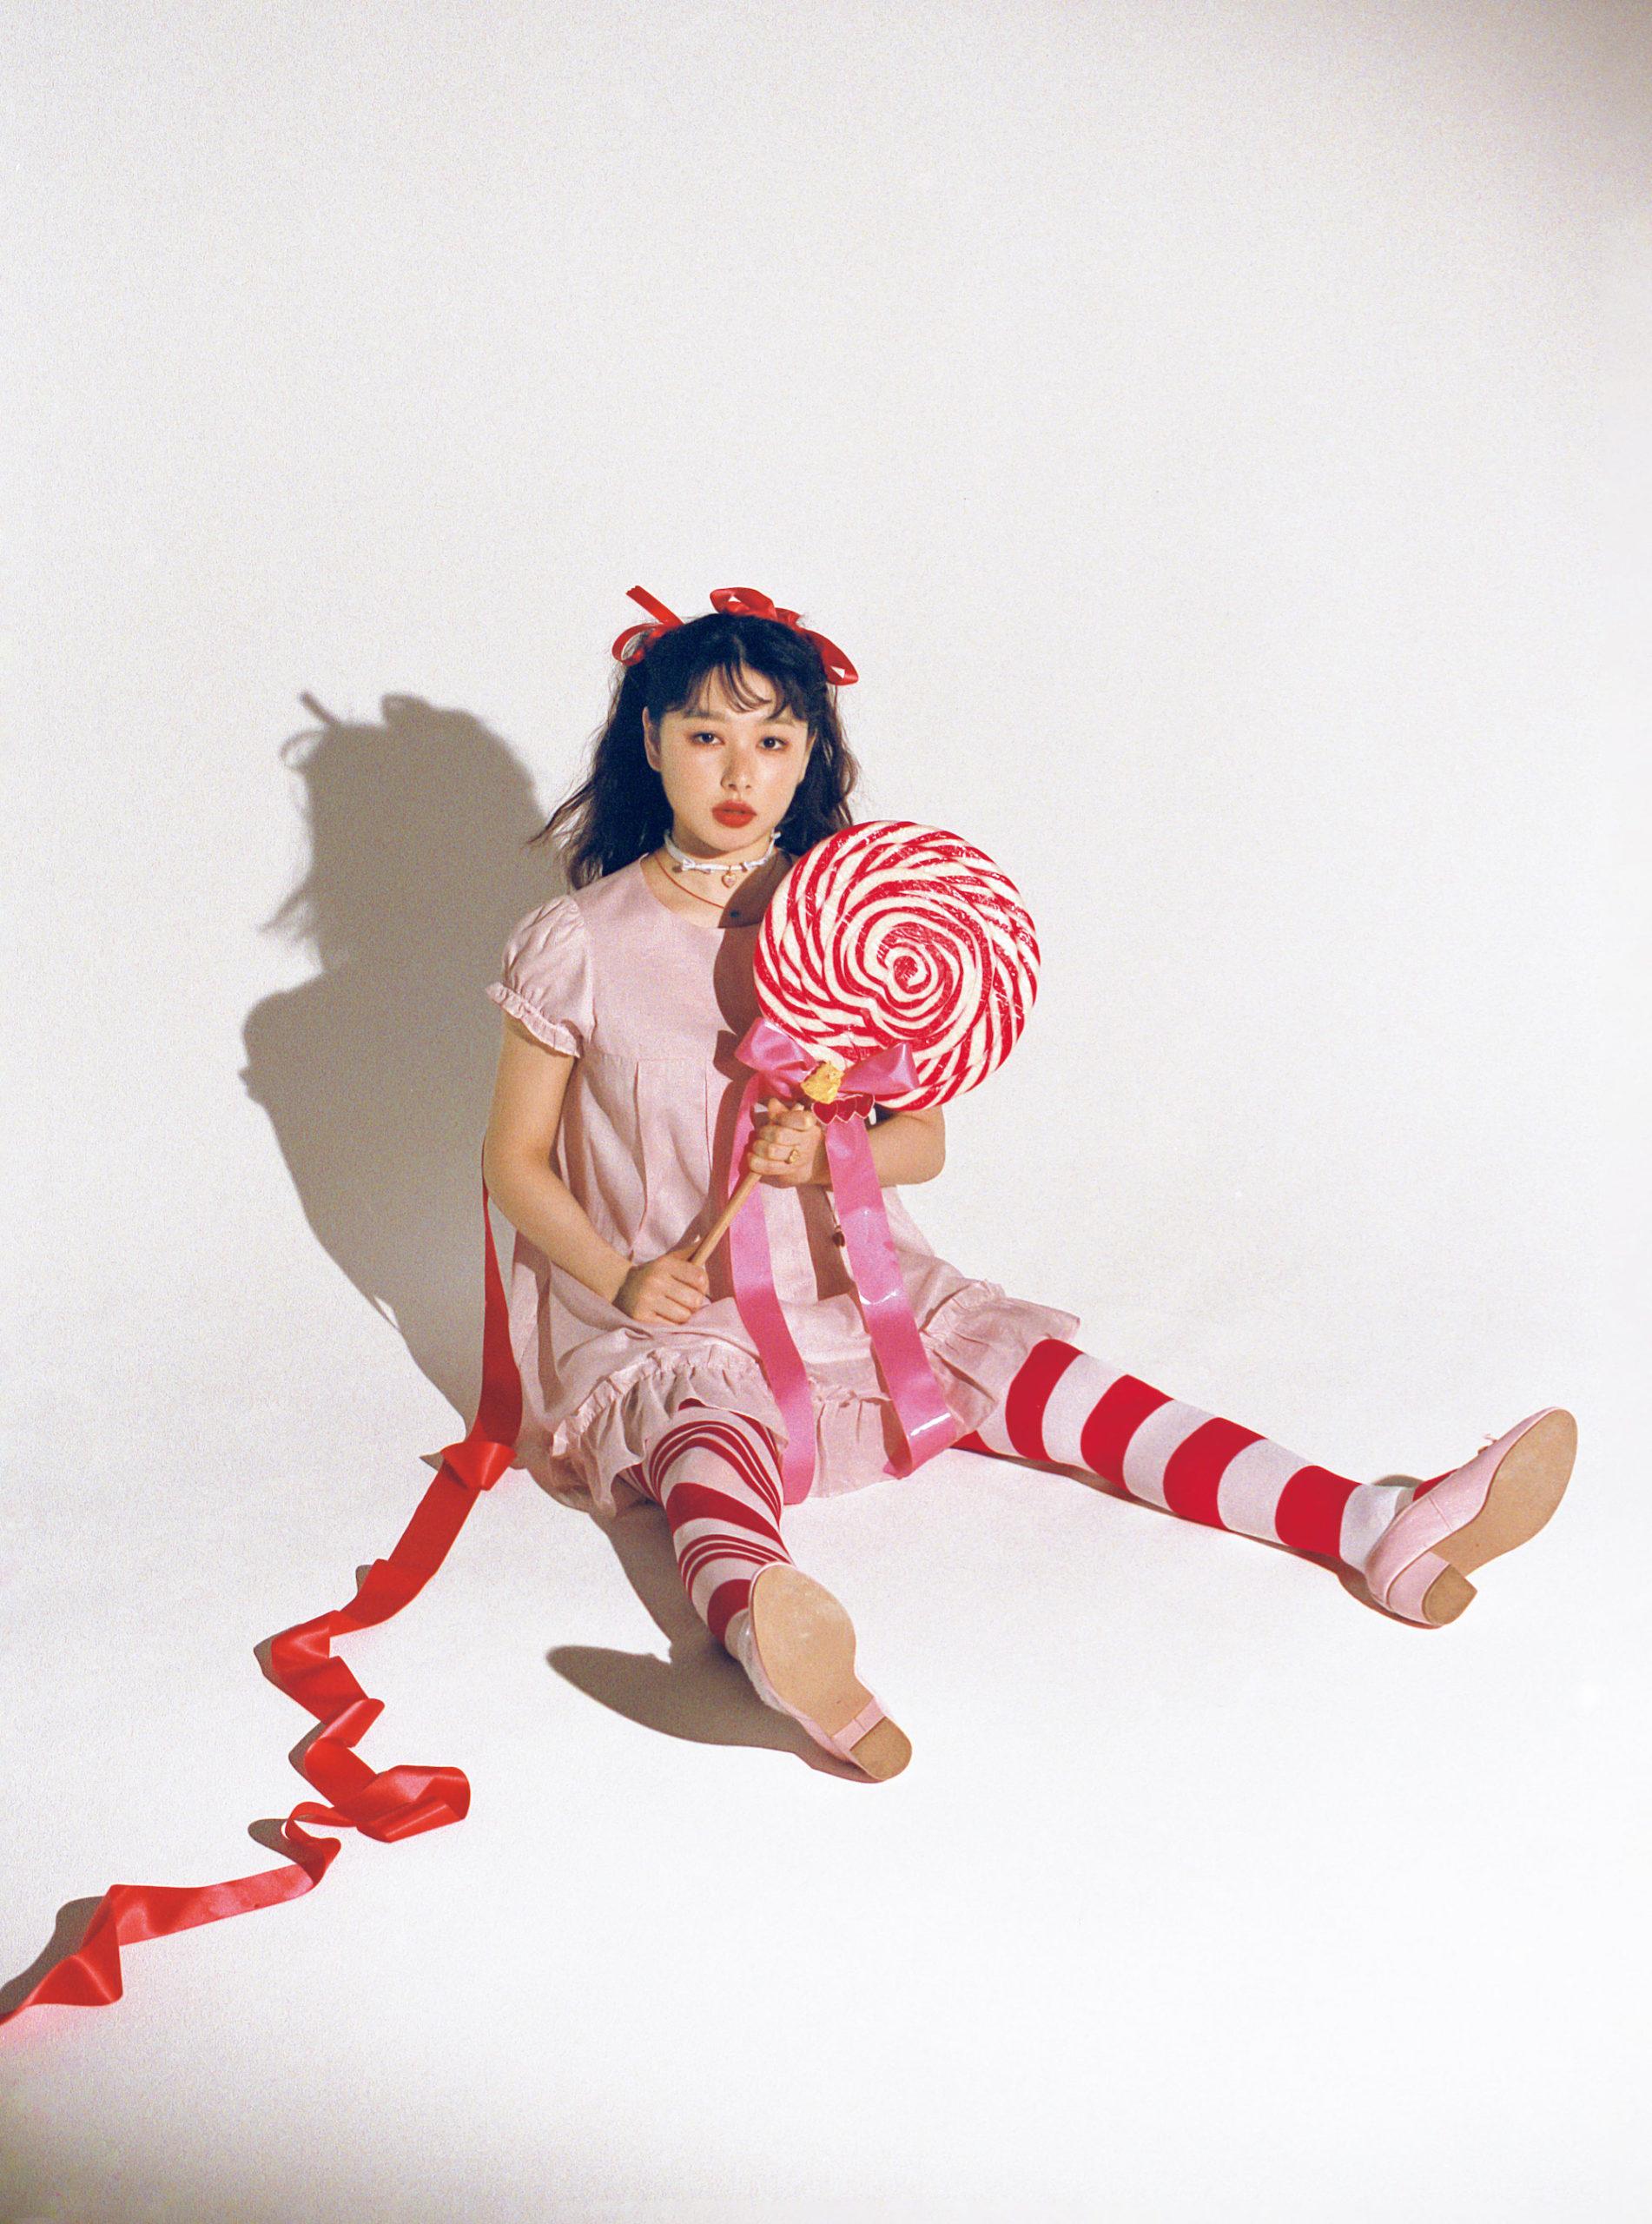 桜井日奈子